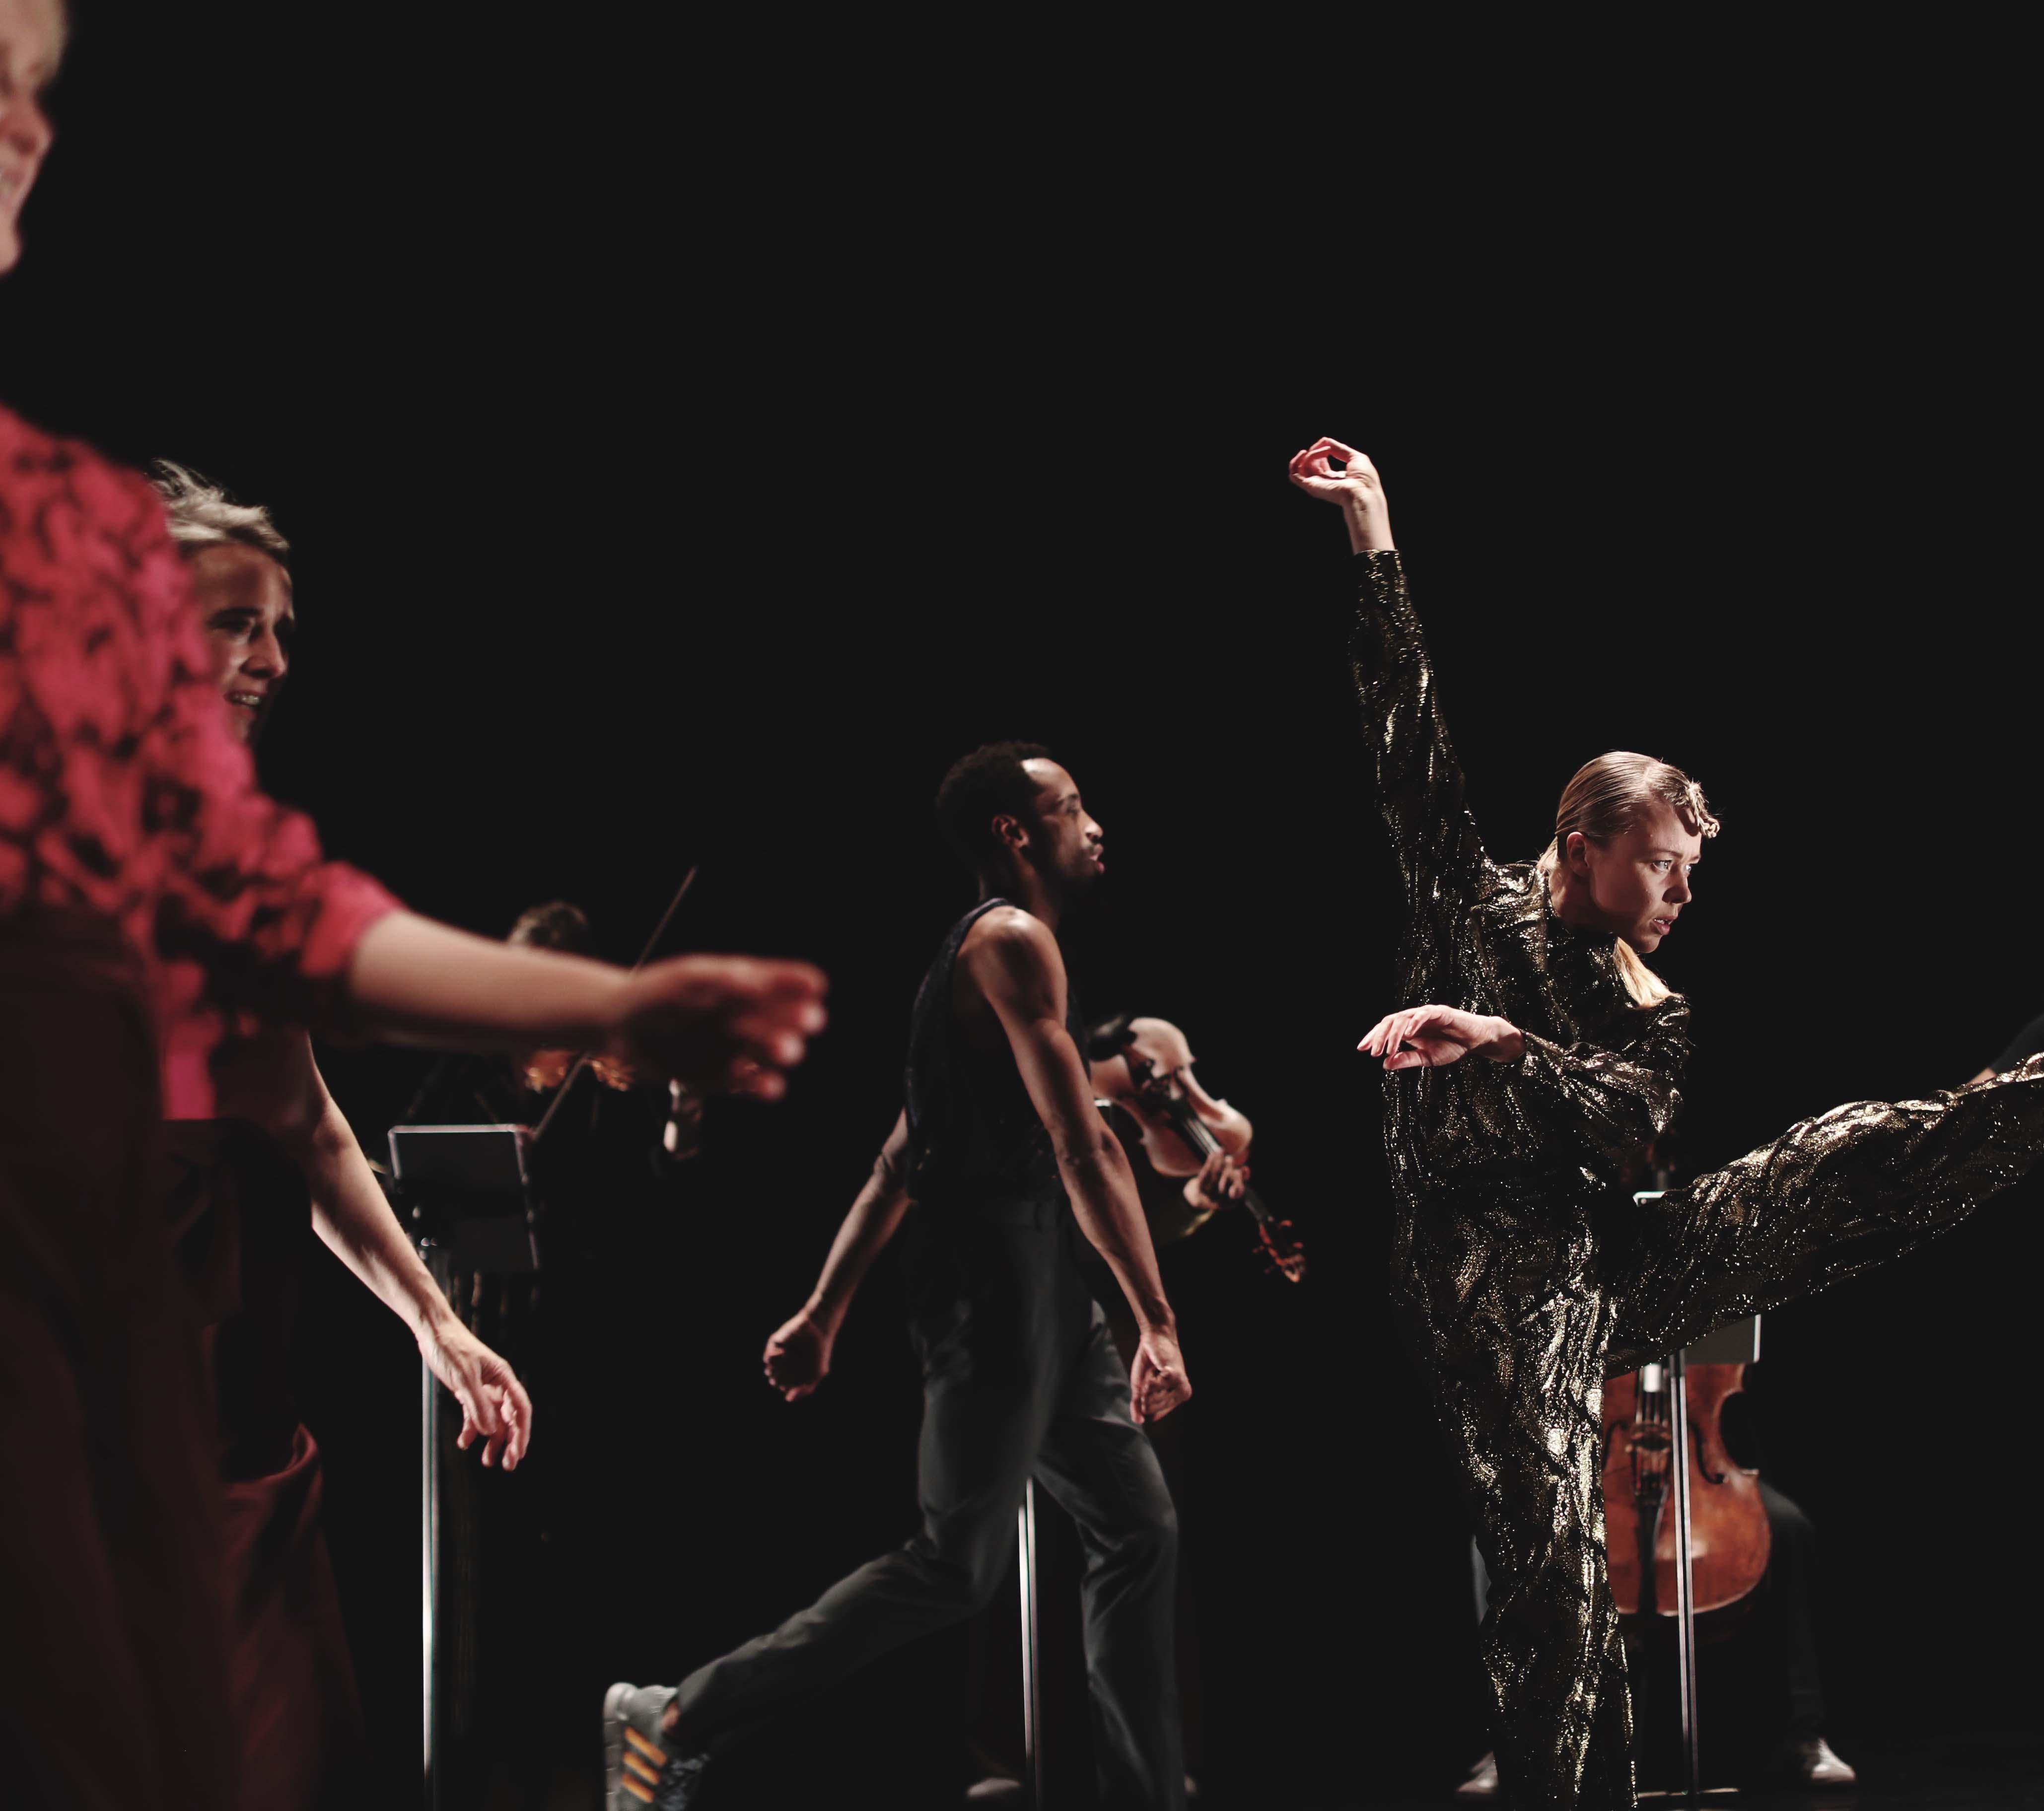 Ur föreställningen Prelude - Skydiving from a Dream, ett samarbete mellan Andersson Dance och Scottish Ensemble.